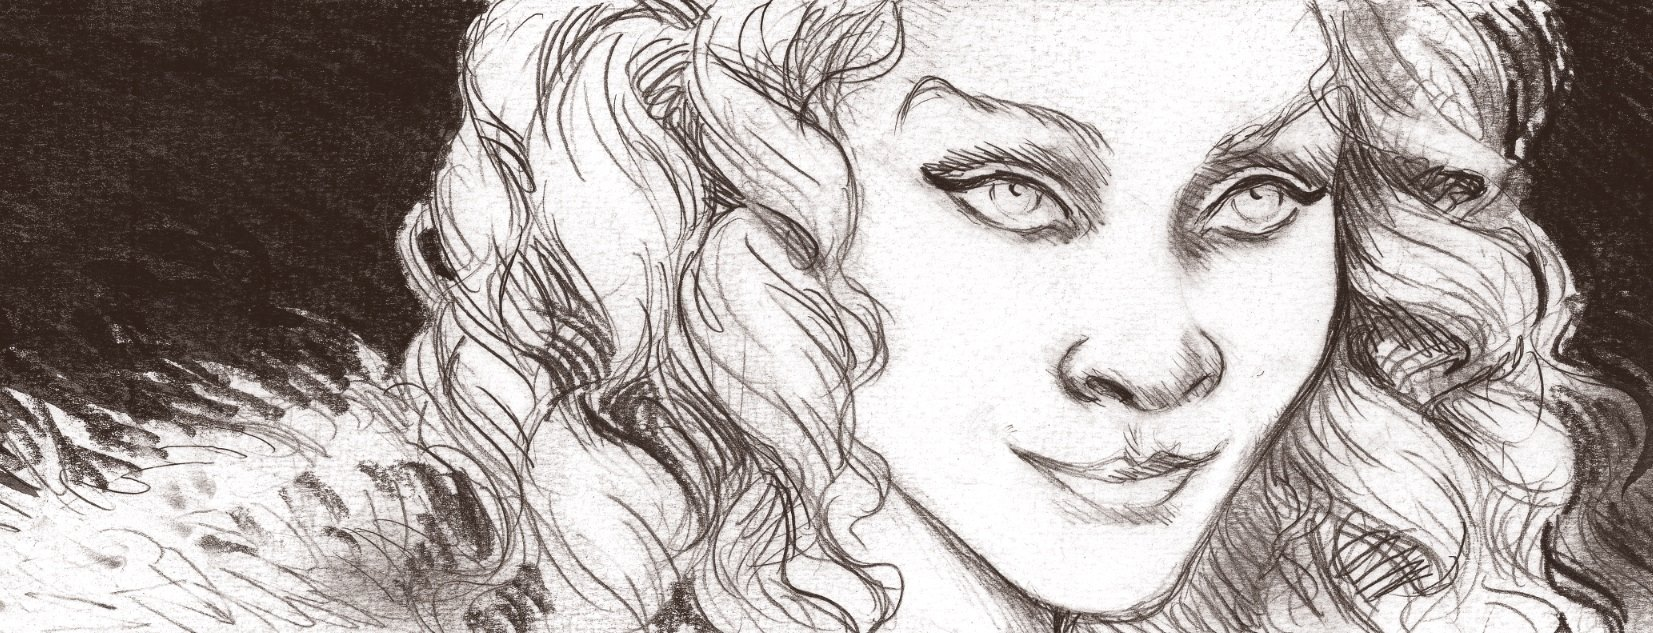 milady-ou-le-mystere-des-mousquetaires-5